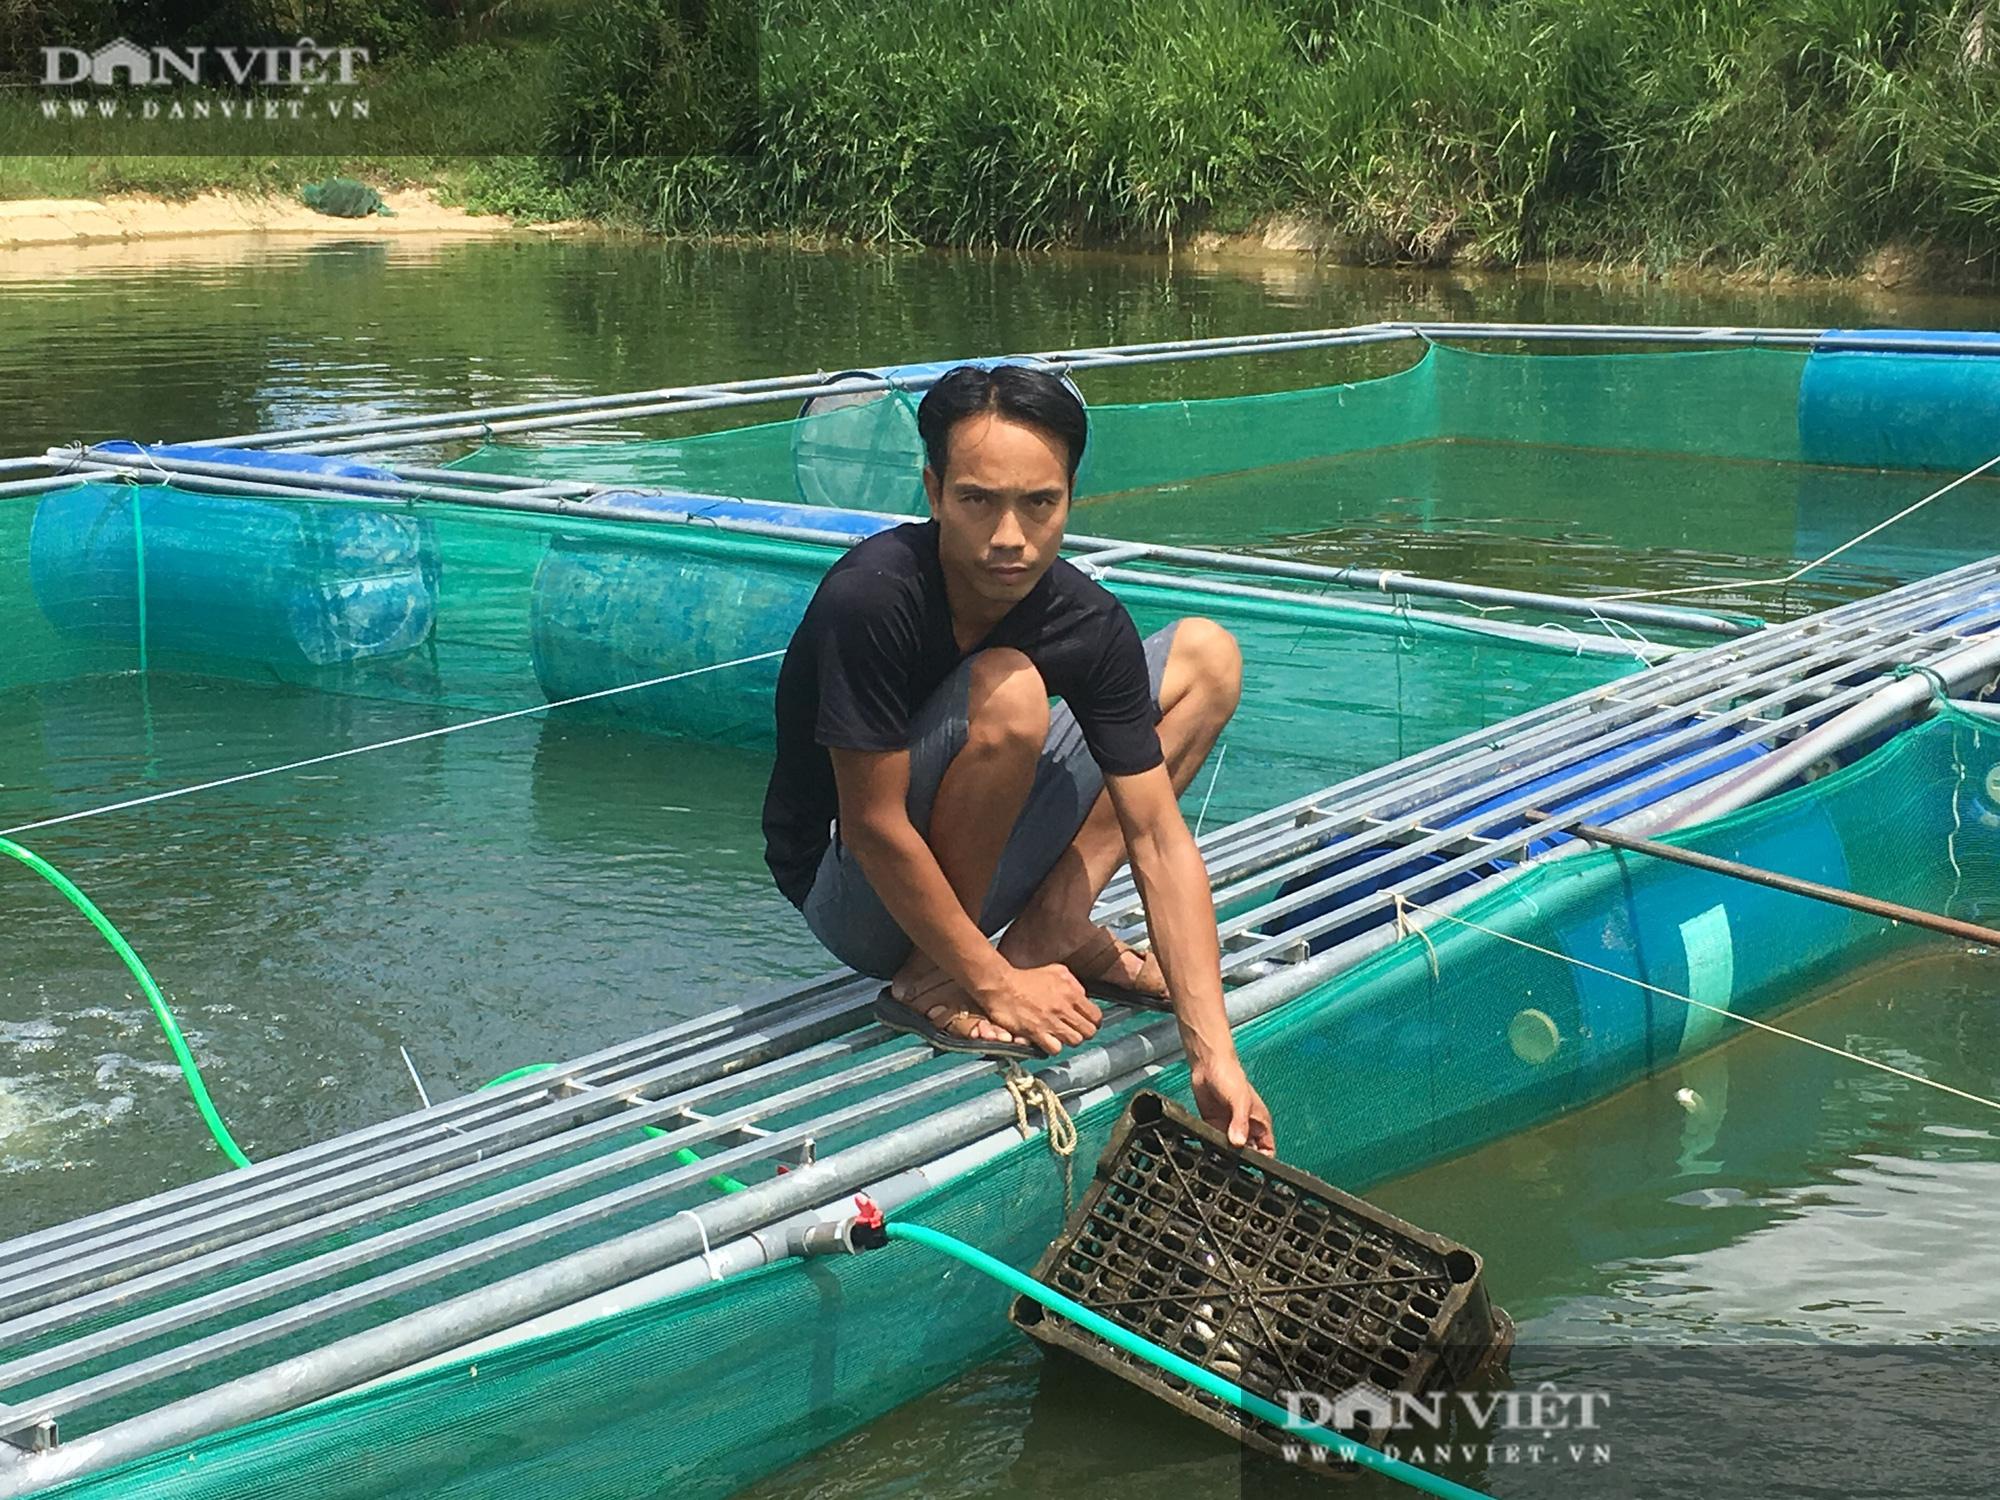 Thanh Hóa: Nuôi cá chạch lấu trên đất lúa kém hiệu quả…lời 300 triệu/năm - Ảnh 7.